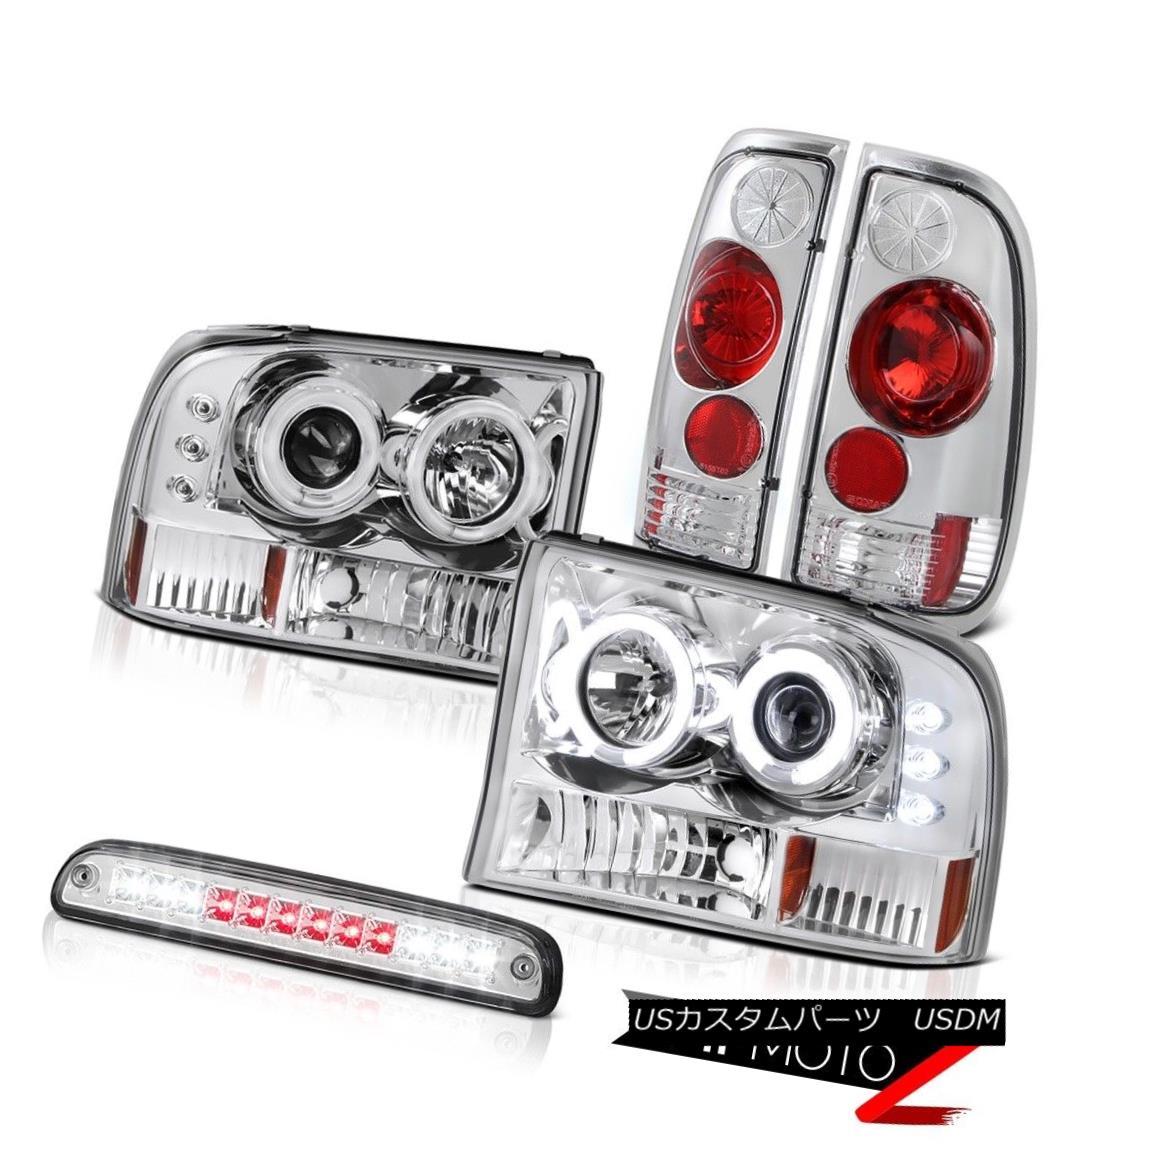 ヘッドライト Headlights Third Brake Cargo LED Rear Lights 99 00 01 02 03 04 F350 Turbo Diesel ヘッドライト第3ブレーキカーゴLEDリアライト99 00 01 02 03 04 F350ターボディーゼル